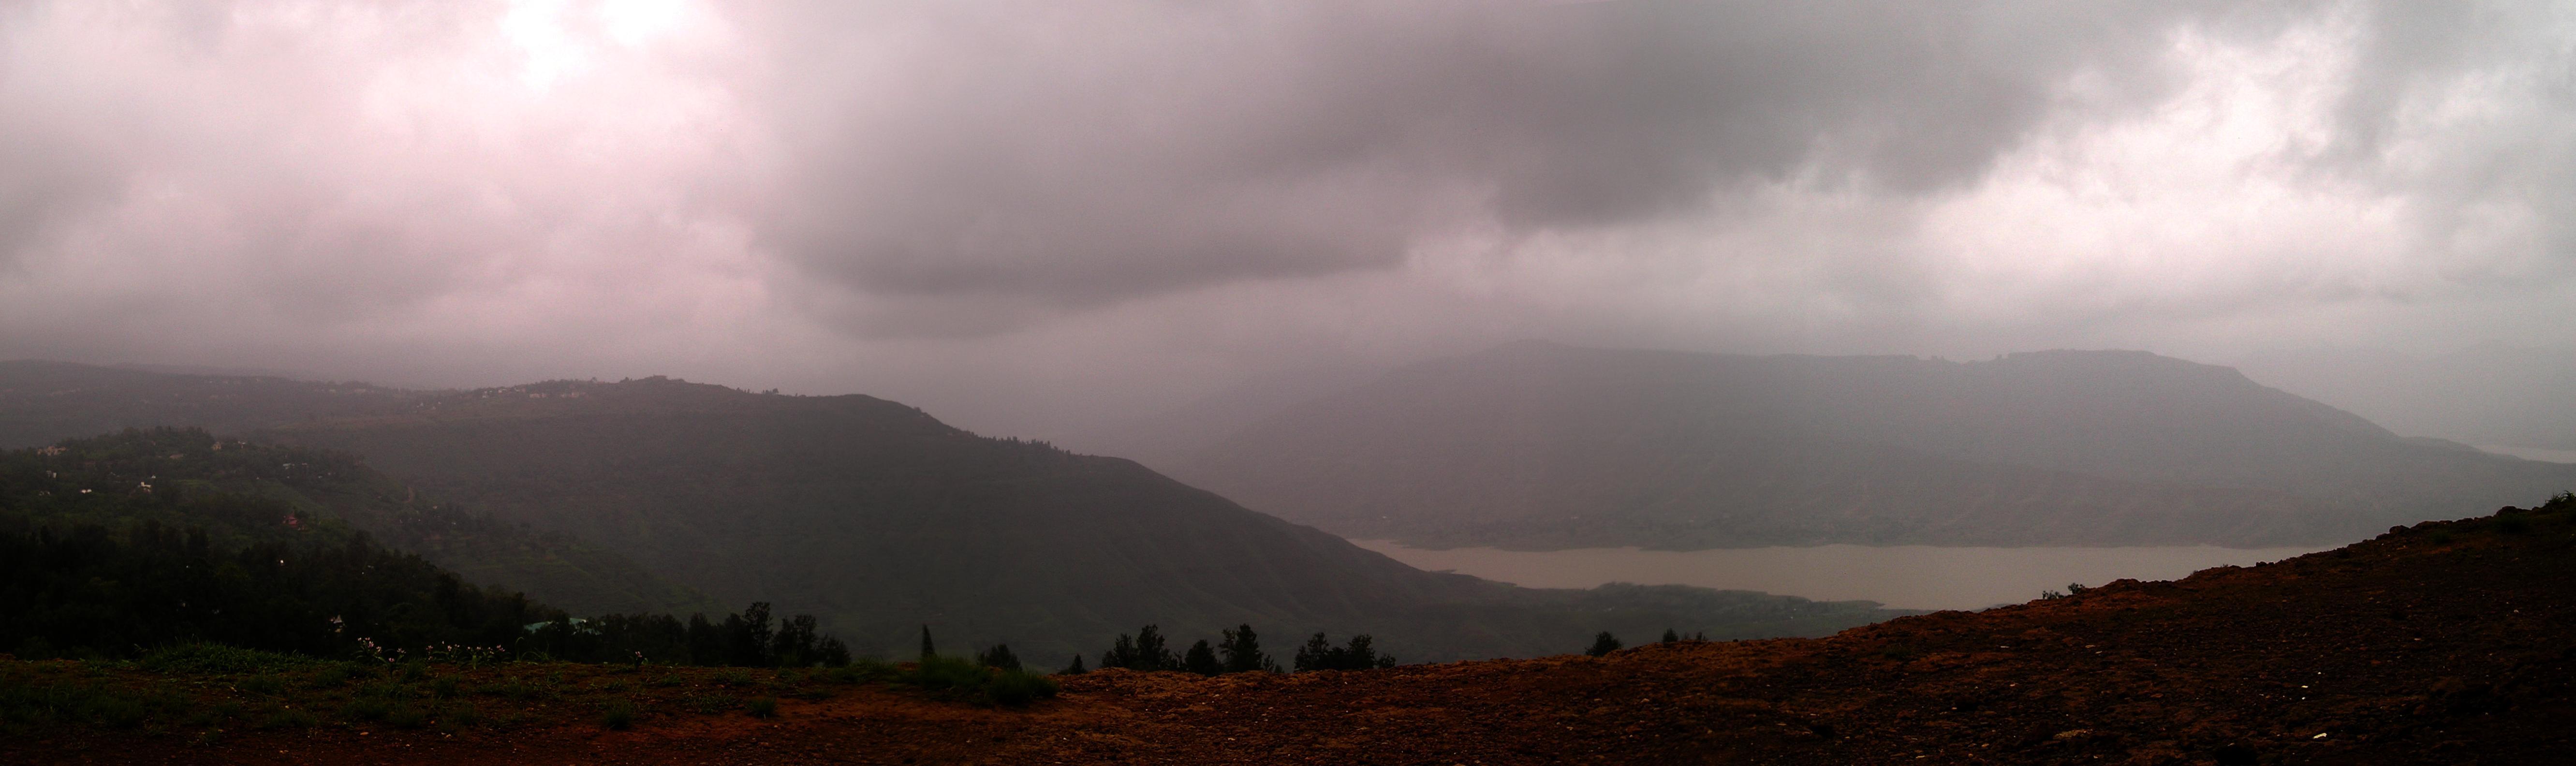 Panoramic view of Mahabaleshwar